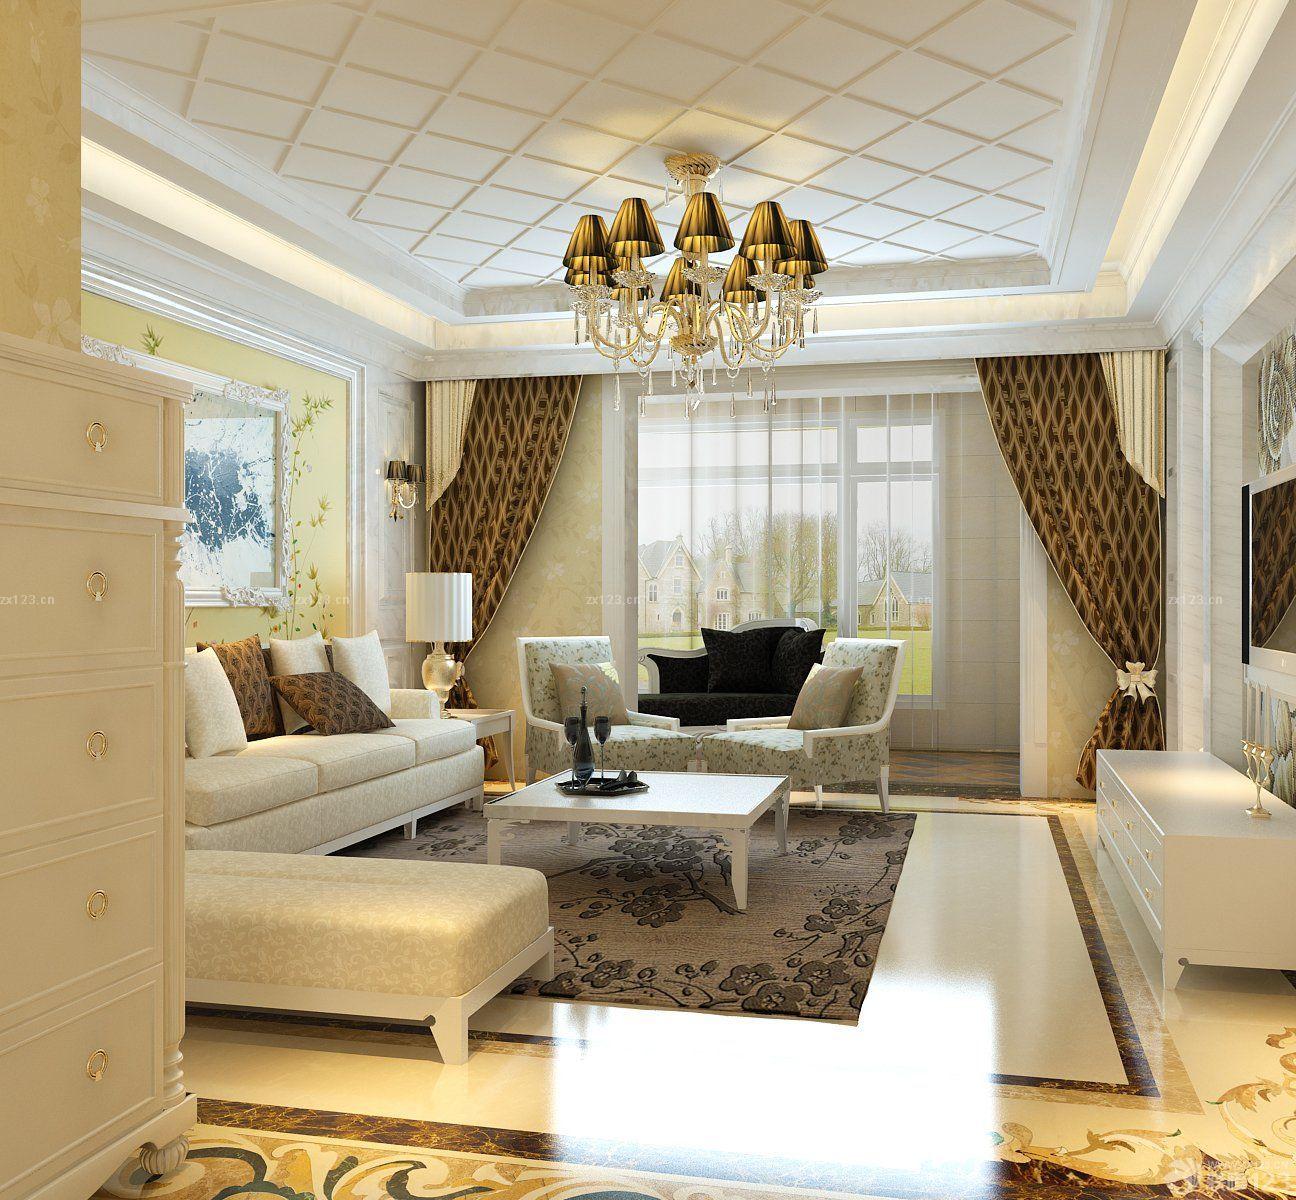 简欧风格家装90平方米房屋客厅装修效果图